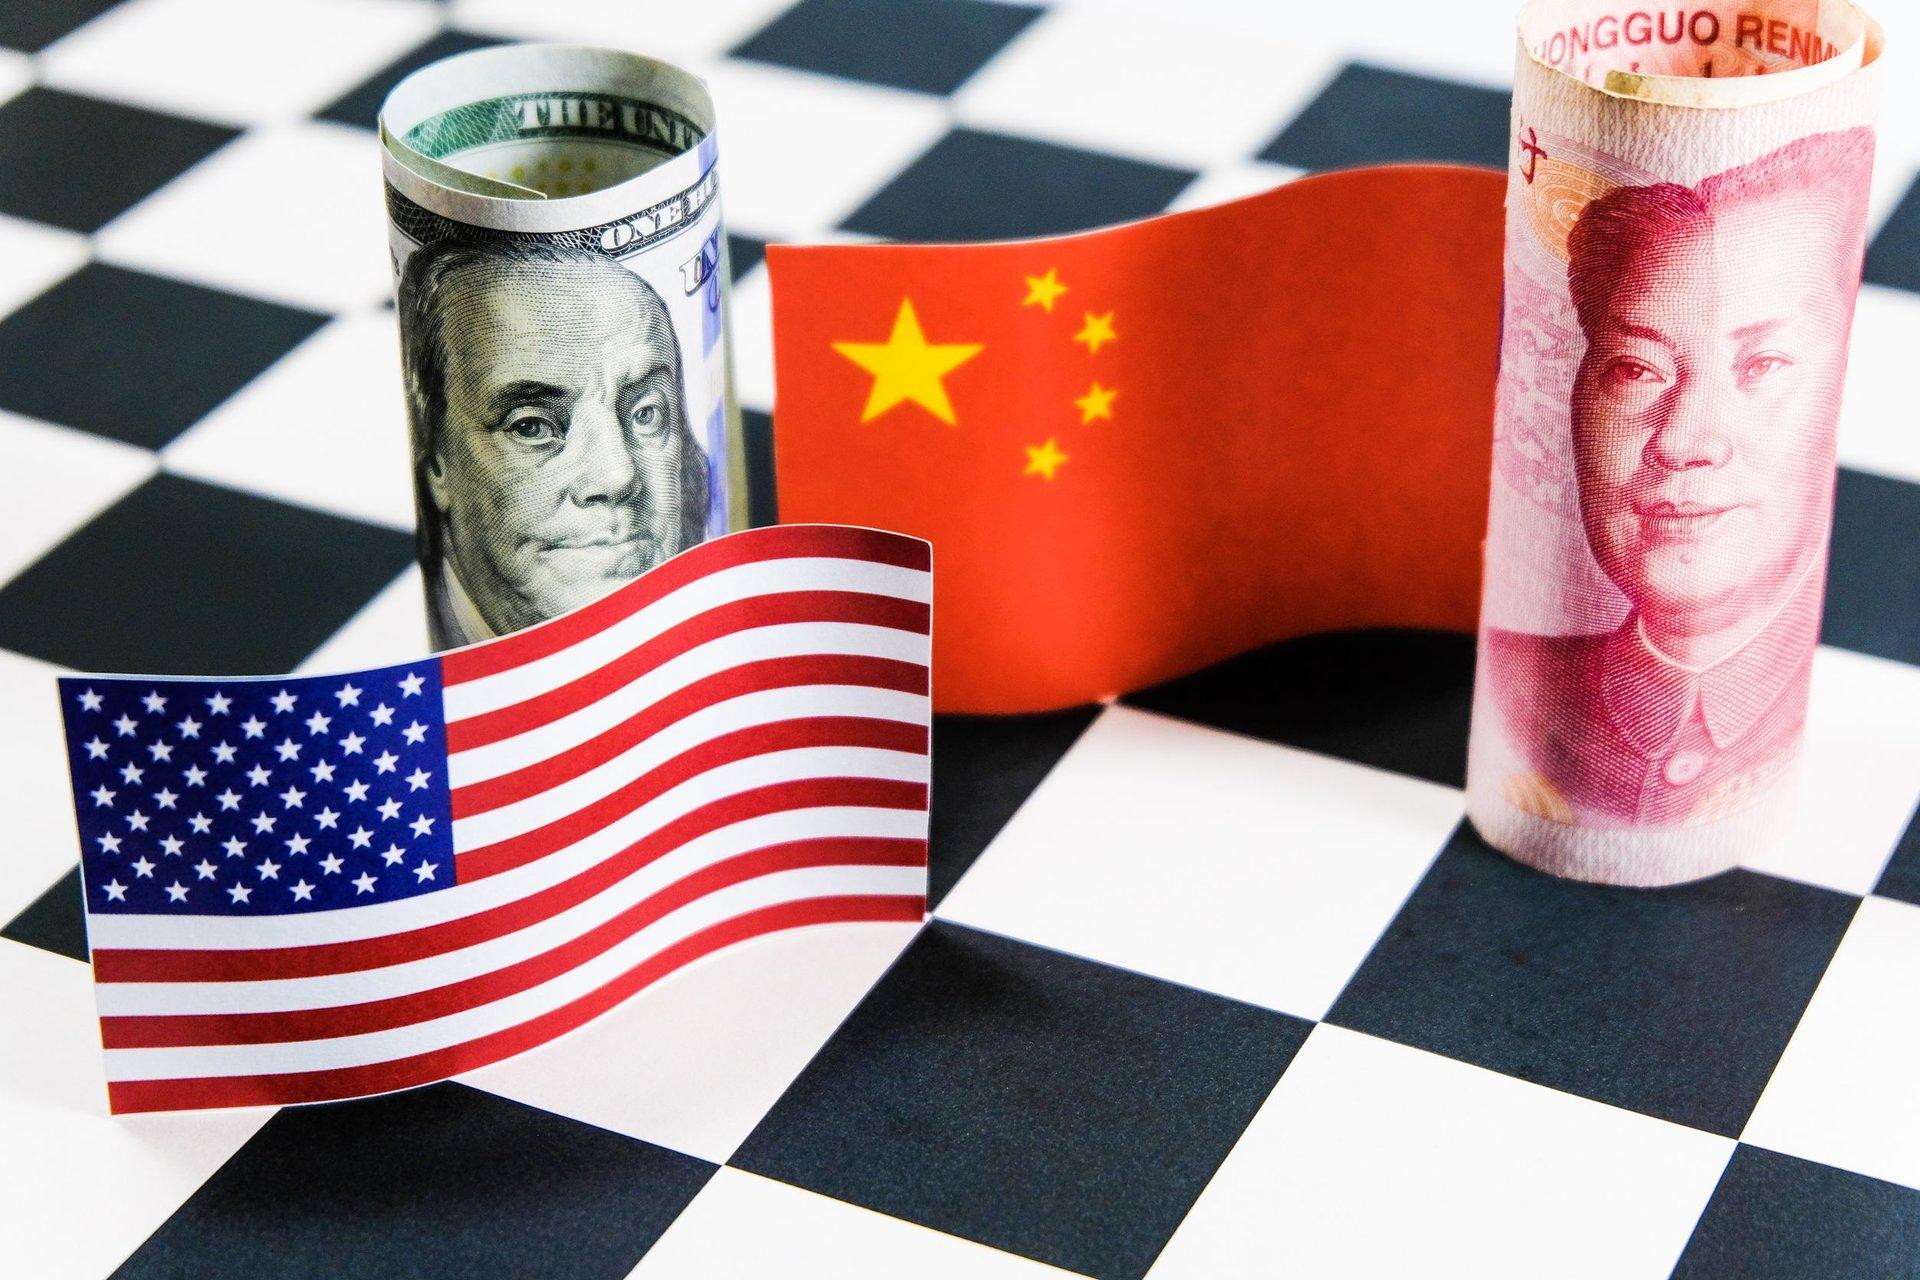 PPO skelbia, kad JAV pažeidė taisykles, įvesdama muitus Kinijos prekėms - Verslo žinios